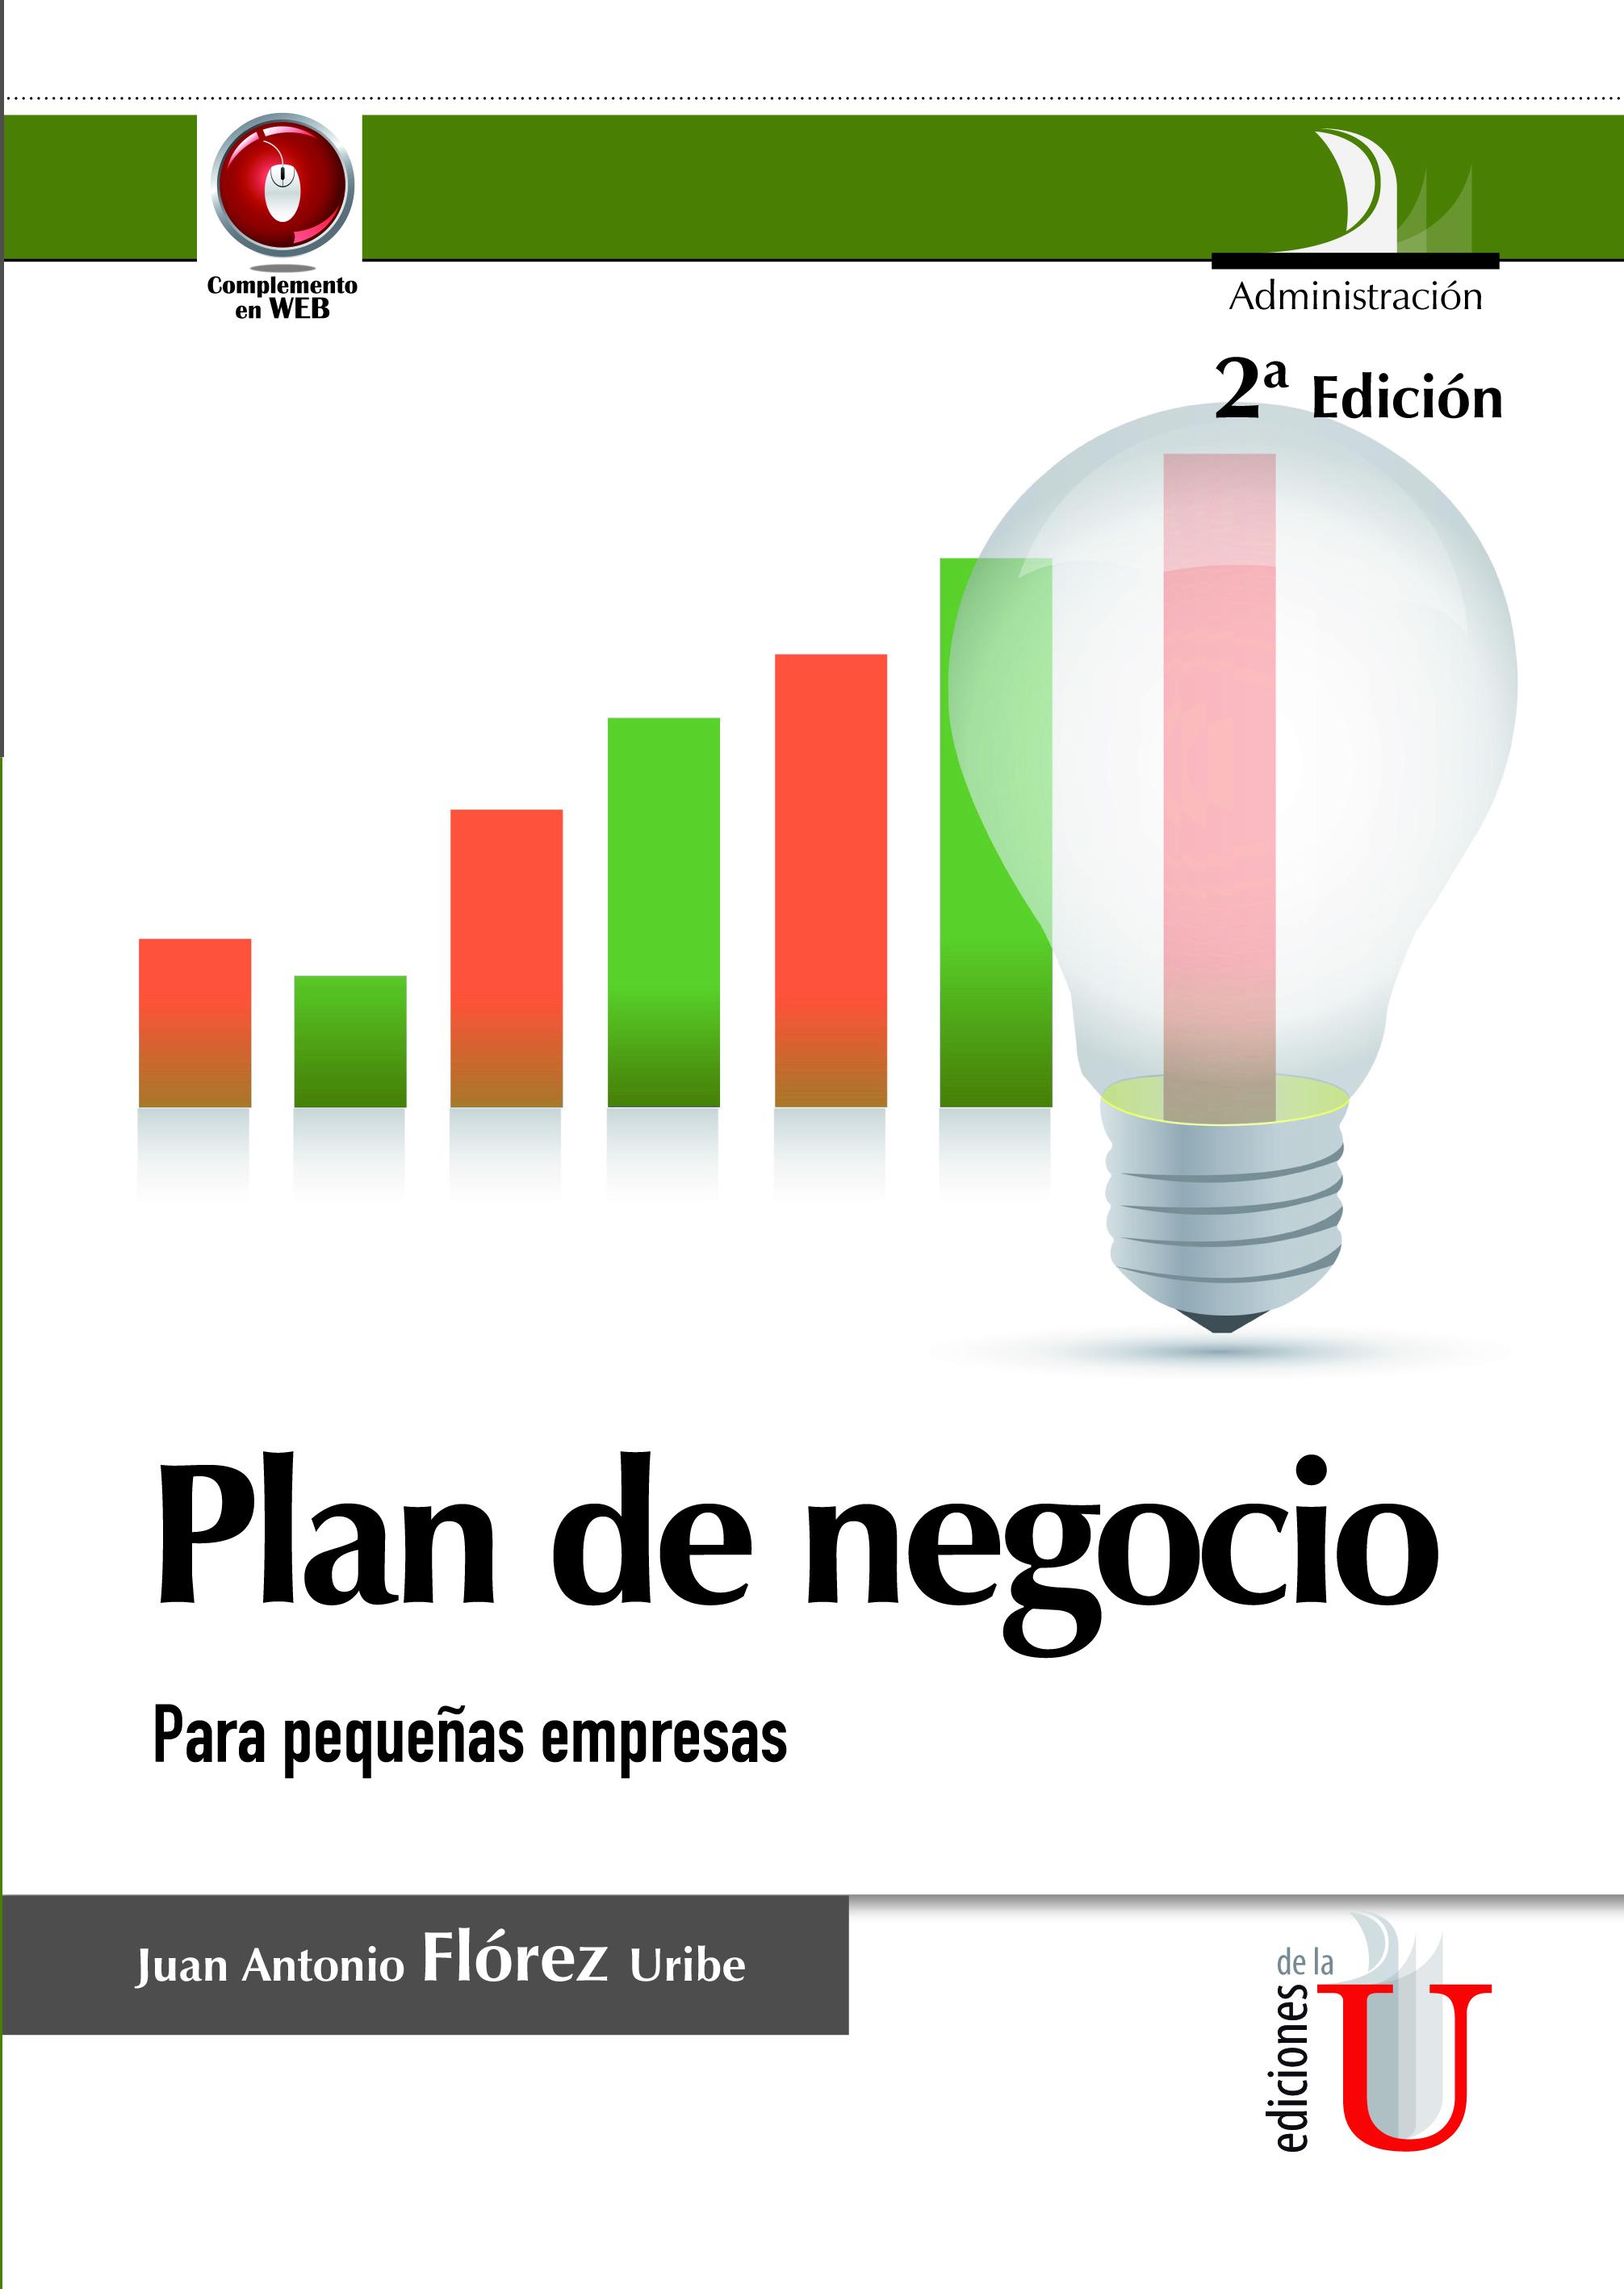 plan de negocio para pequeñas empresas 2ª edición ediciones de la u